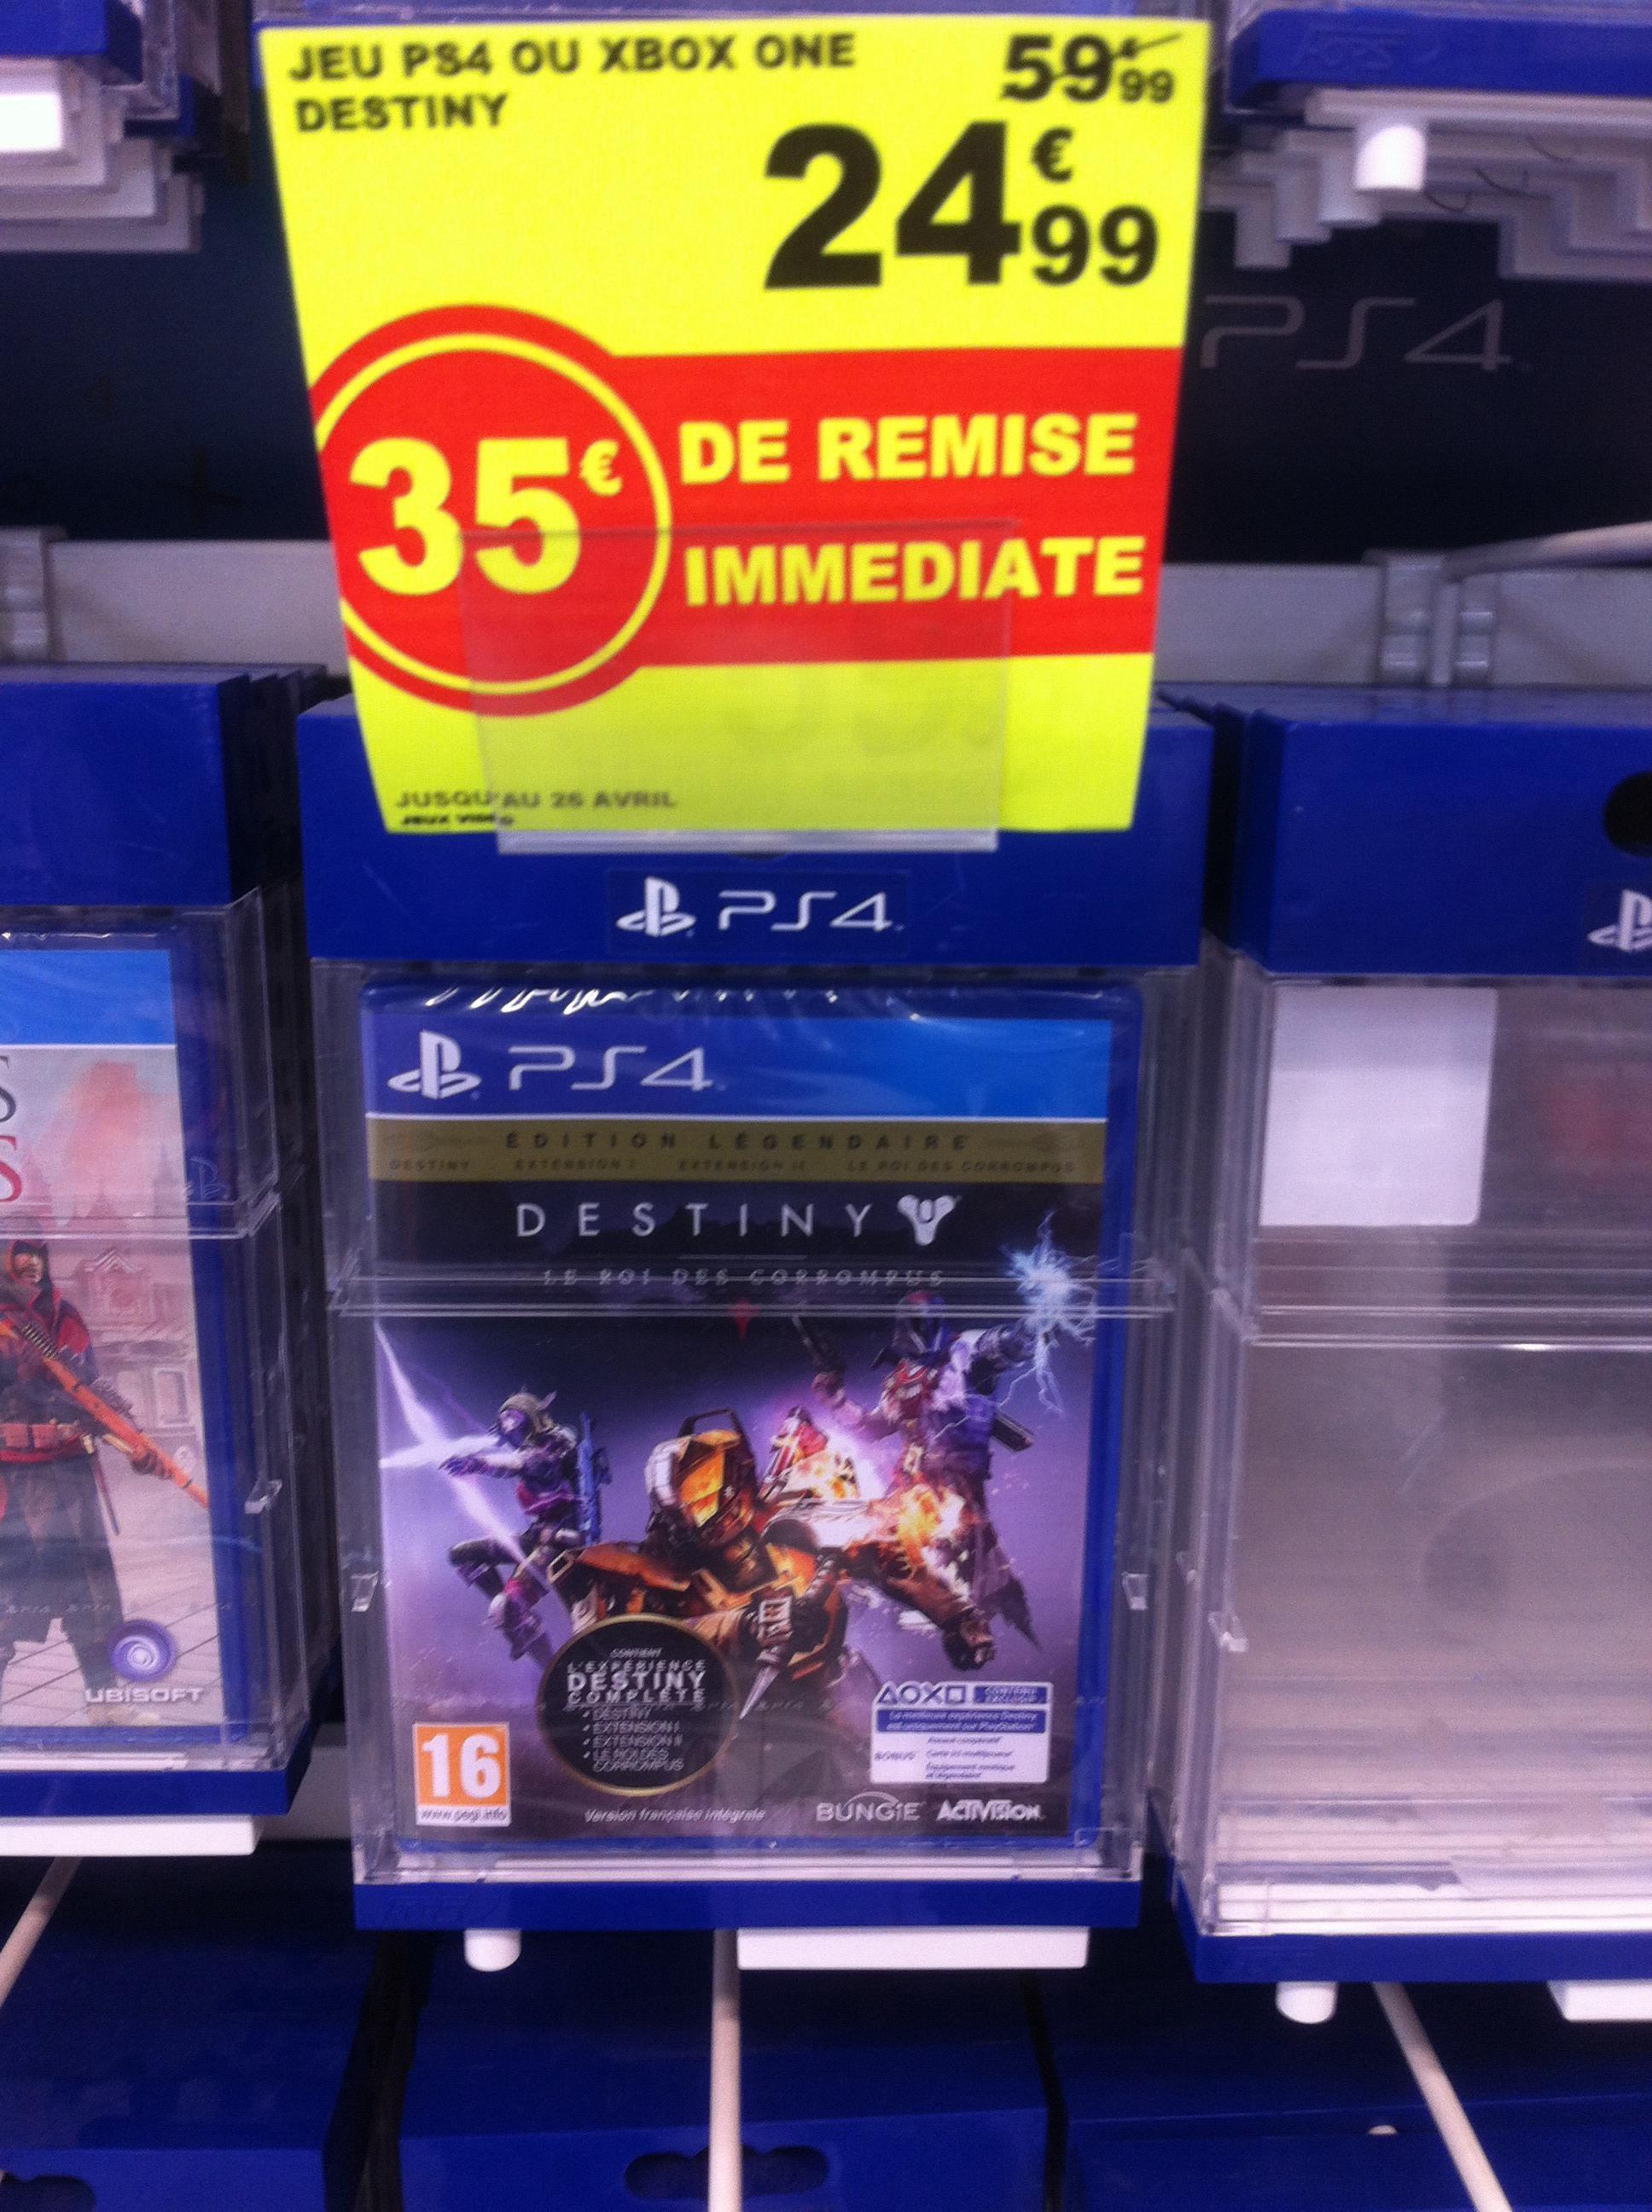 Destiny : Le Roi des Corrompus sur PS4 et Xbox One